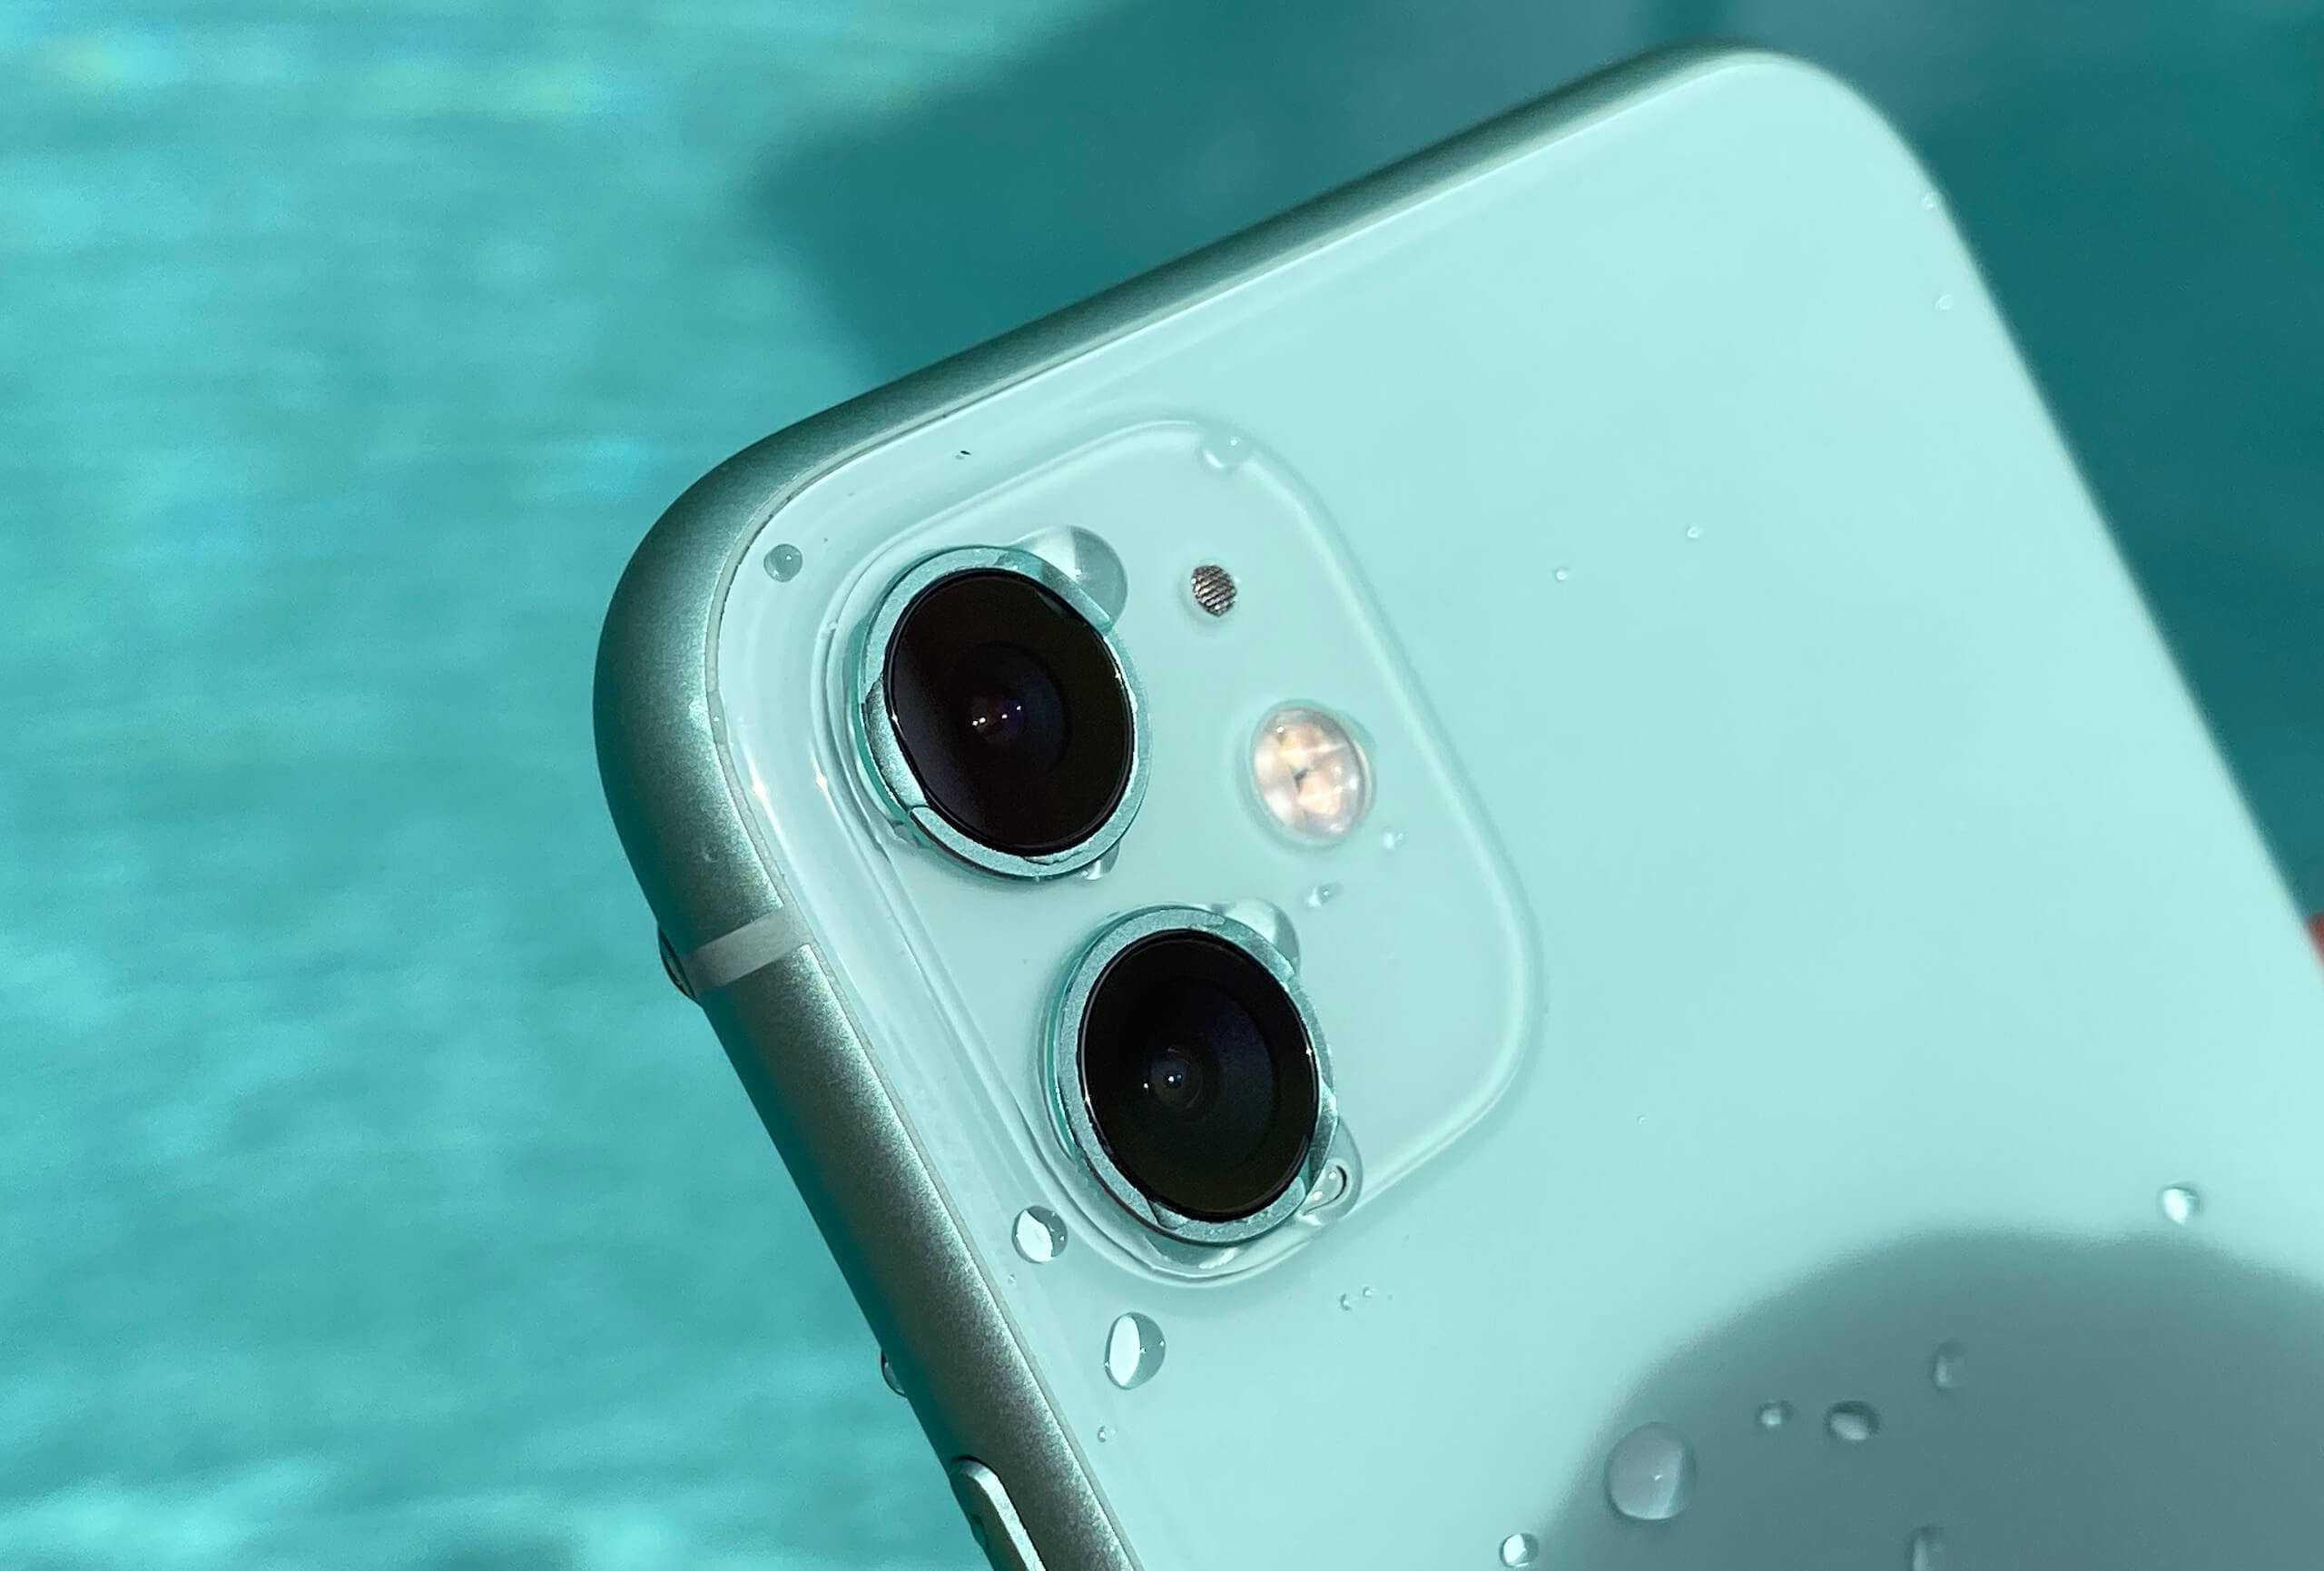 В италии оштрафовали apple на 10 миллионов евро за ненастоящую защиту iphone от воды